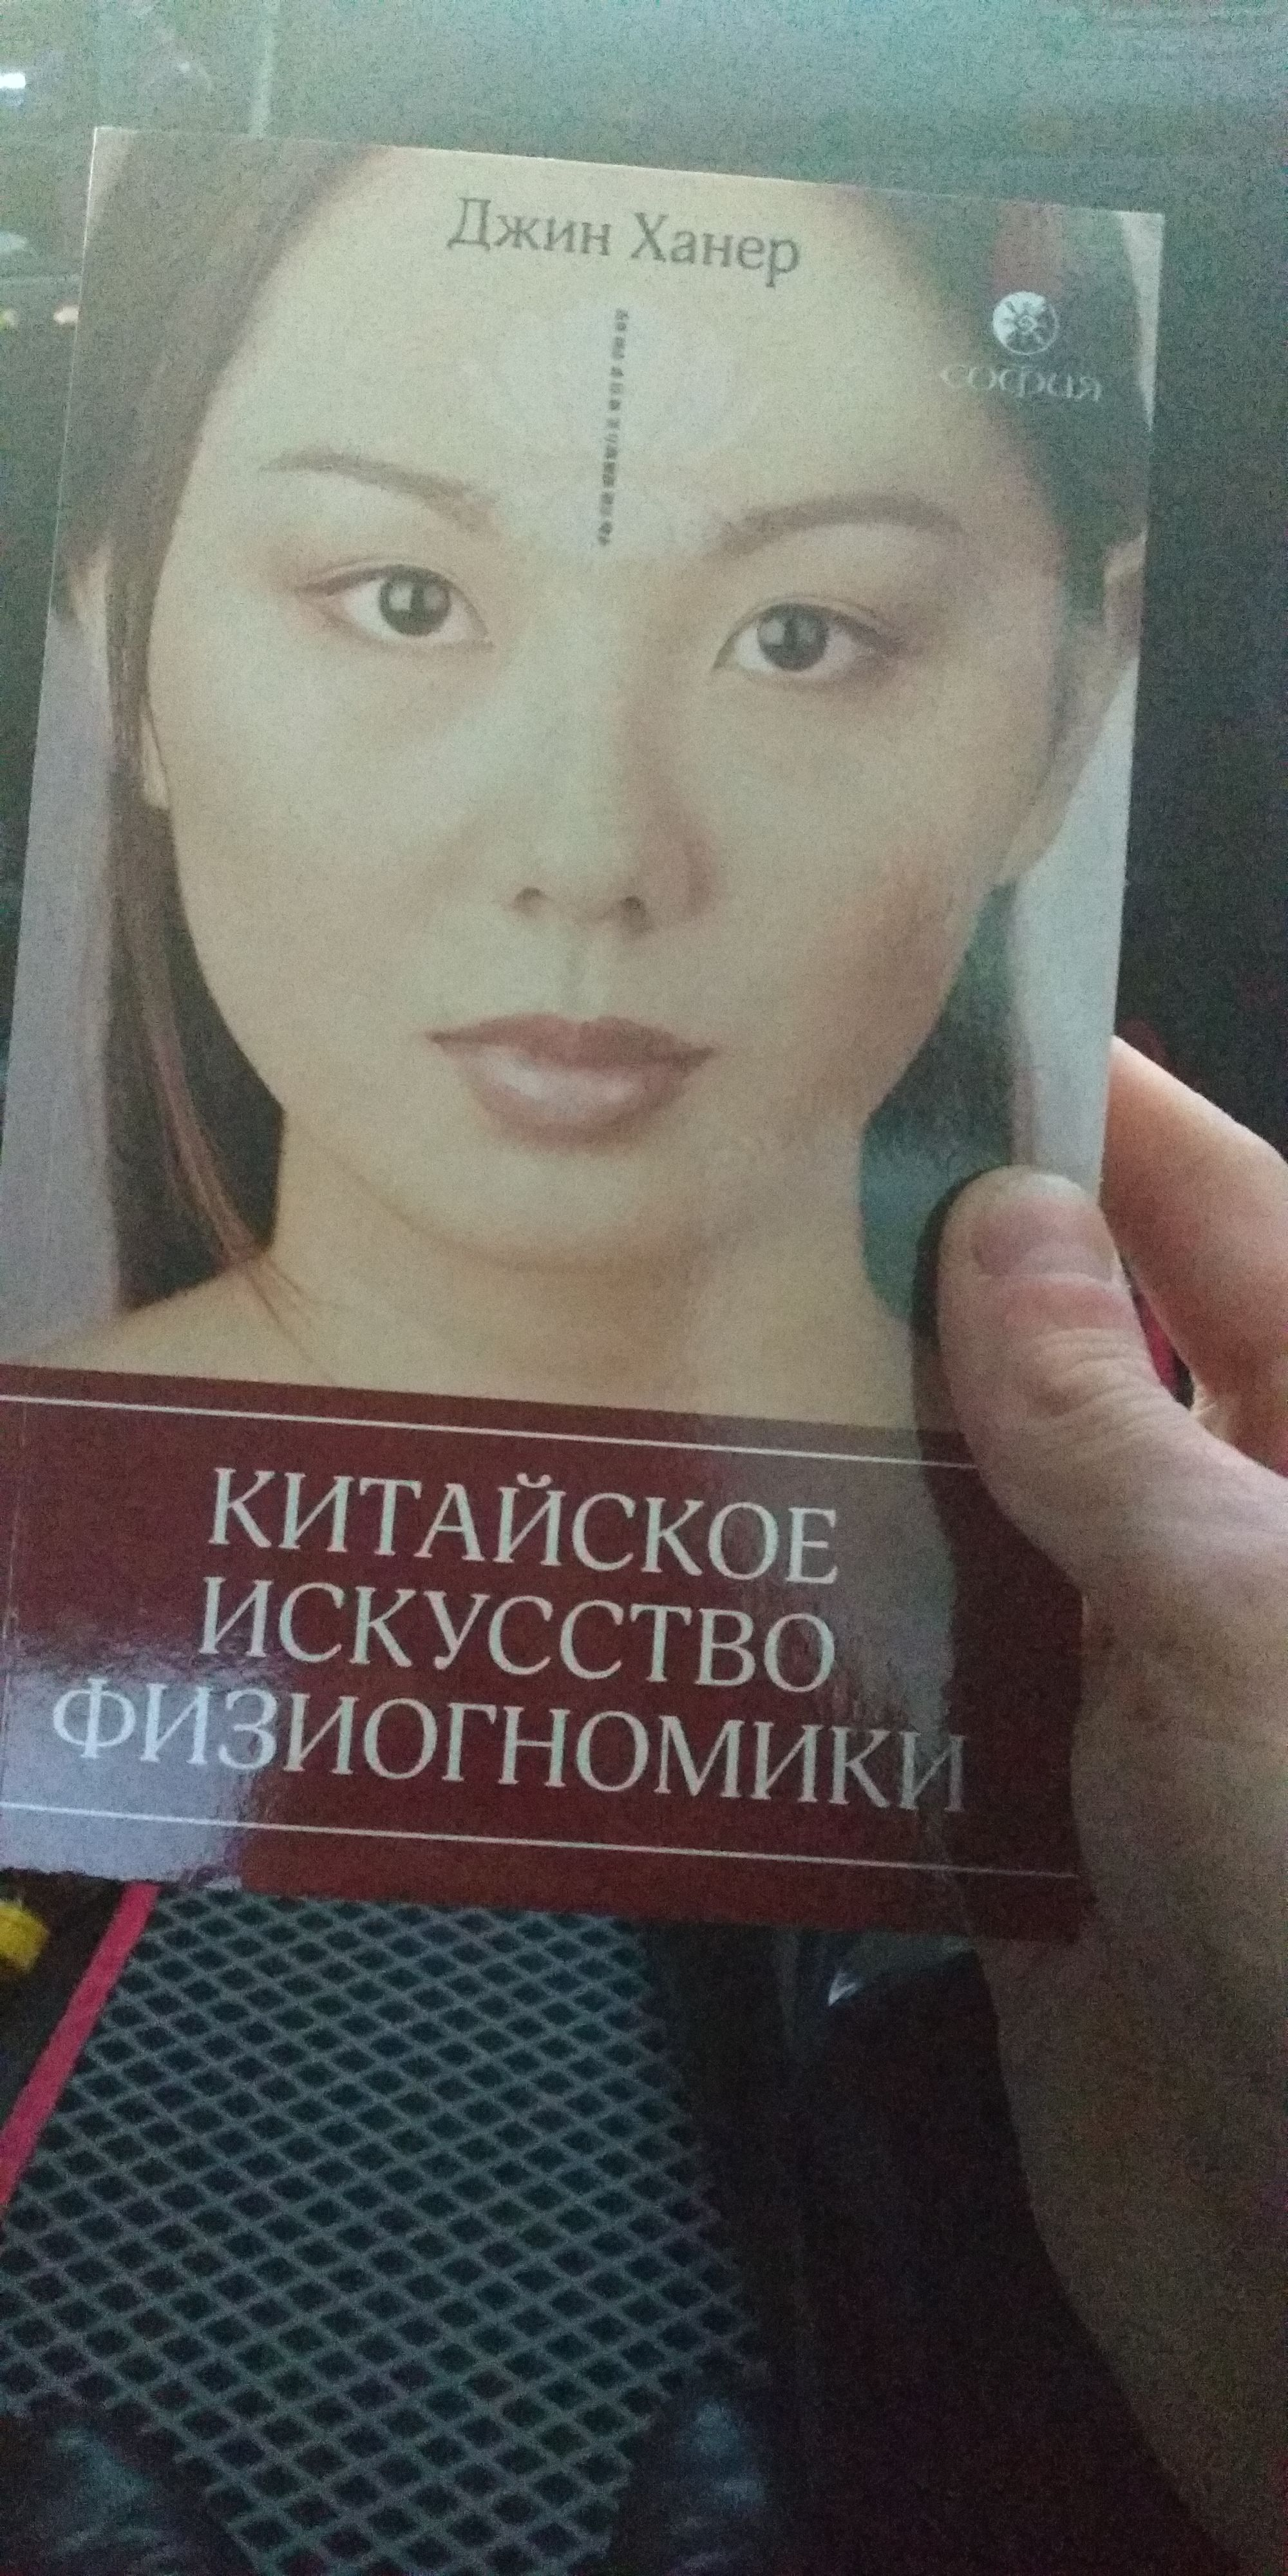 мудрость твоего лица джин ханер fb2